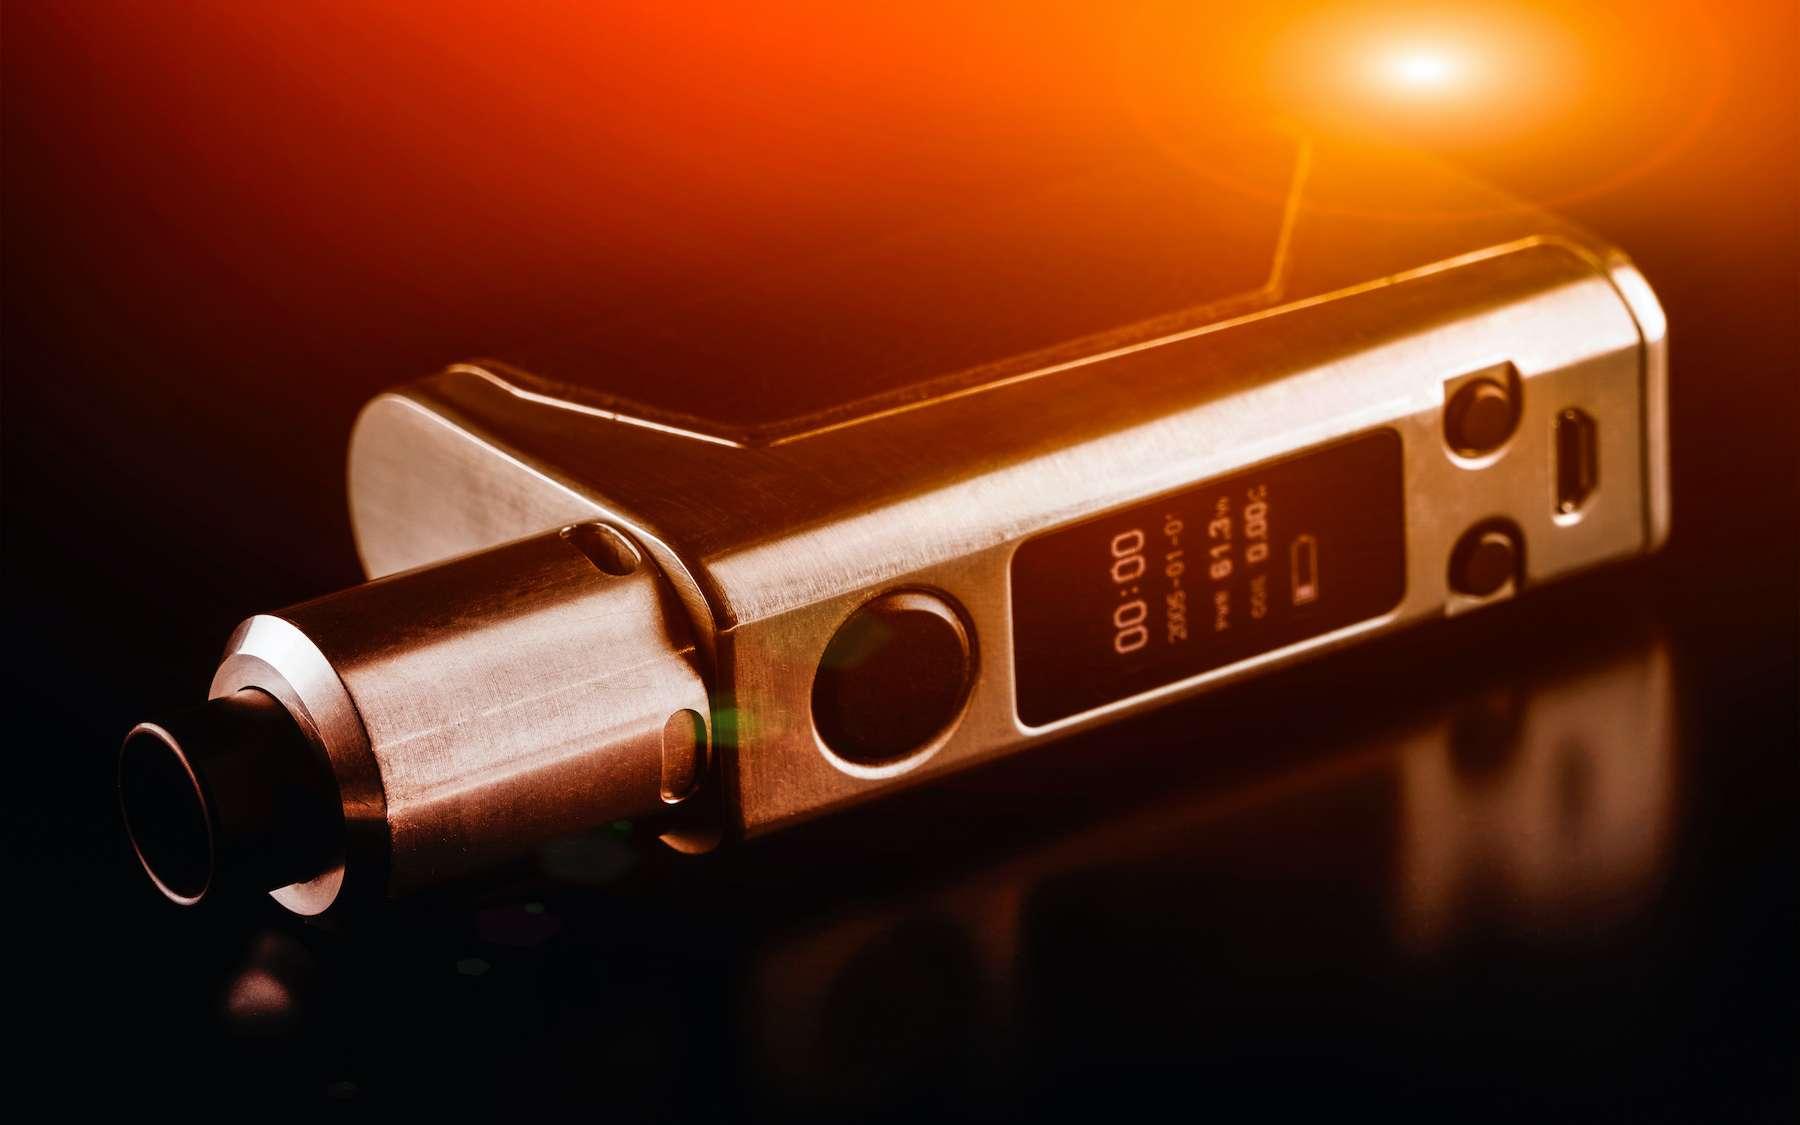 Après le grille-pain et l'oreiller connecté, la cigarette électronique est elle aussi en train de devenir un produit high-tech. Mises au point dans les années 2000, les premières e-cigarettes...